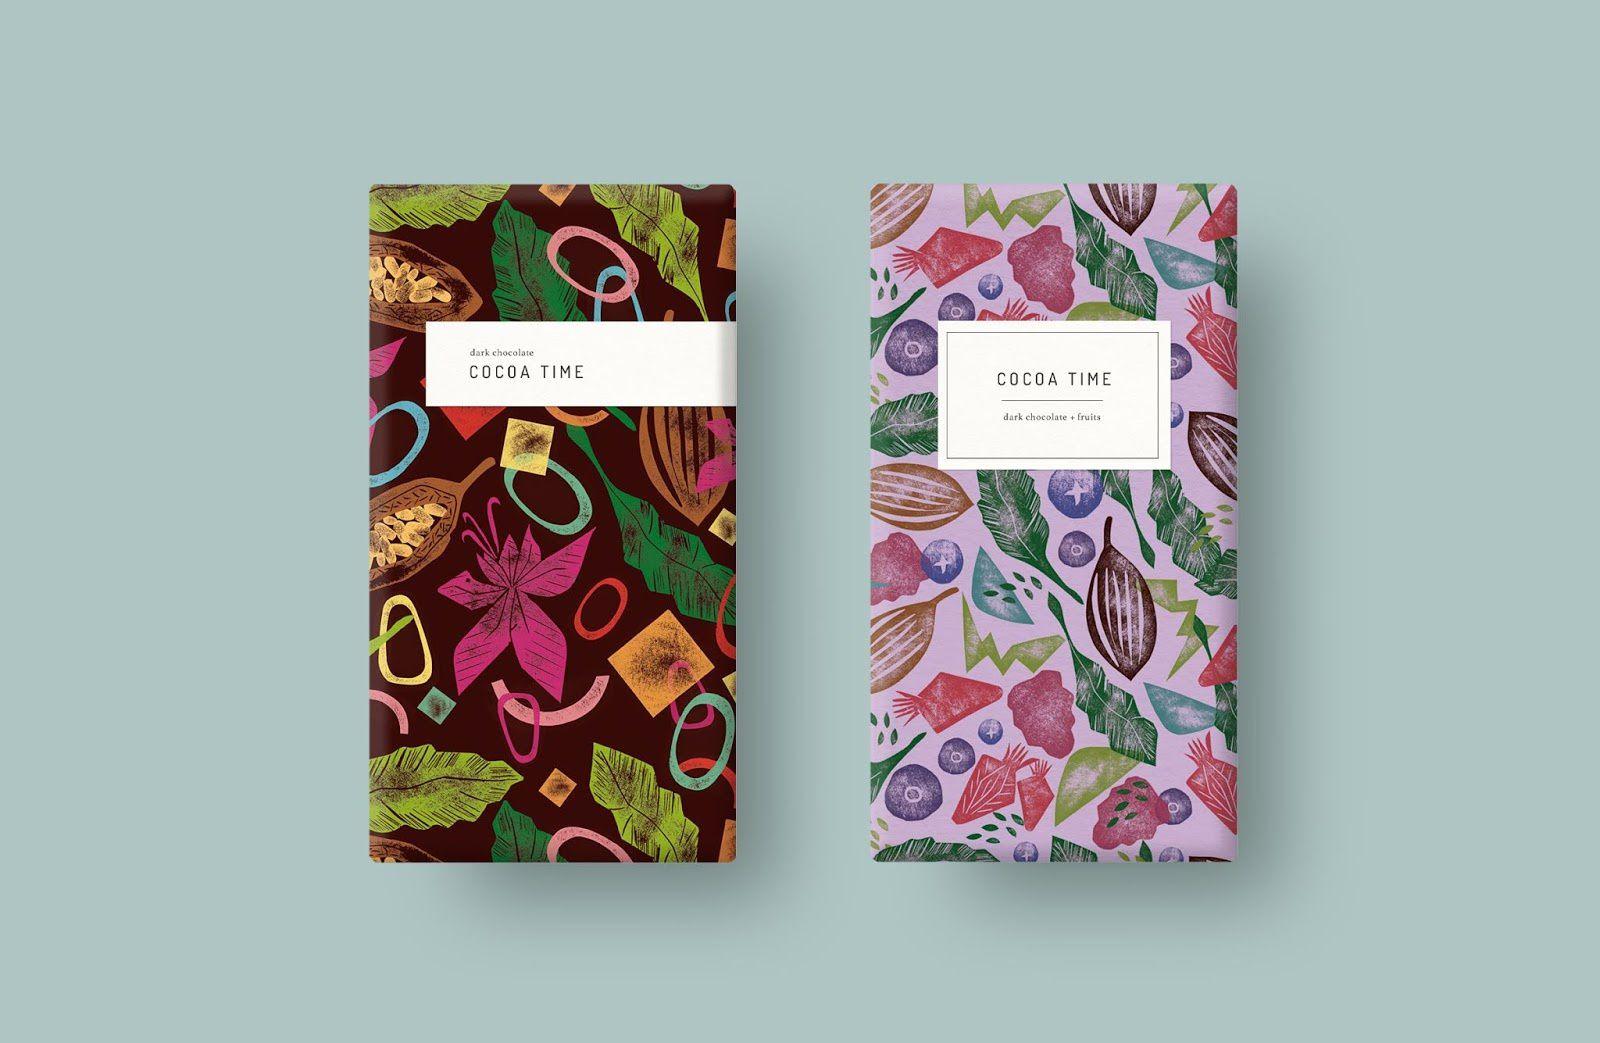 Cocoa Time (chocolat) I Design  (concept) : Studio Gudulab, Espagne (novembre 2019)